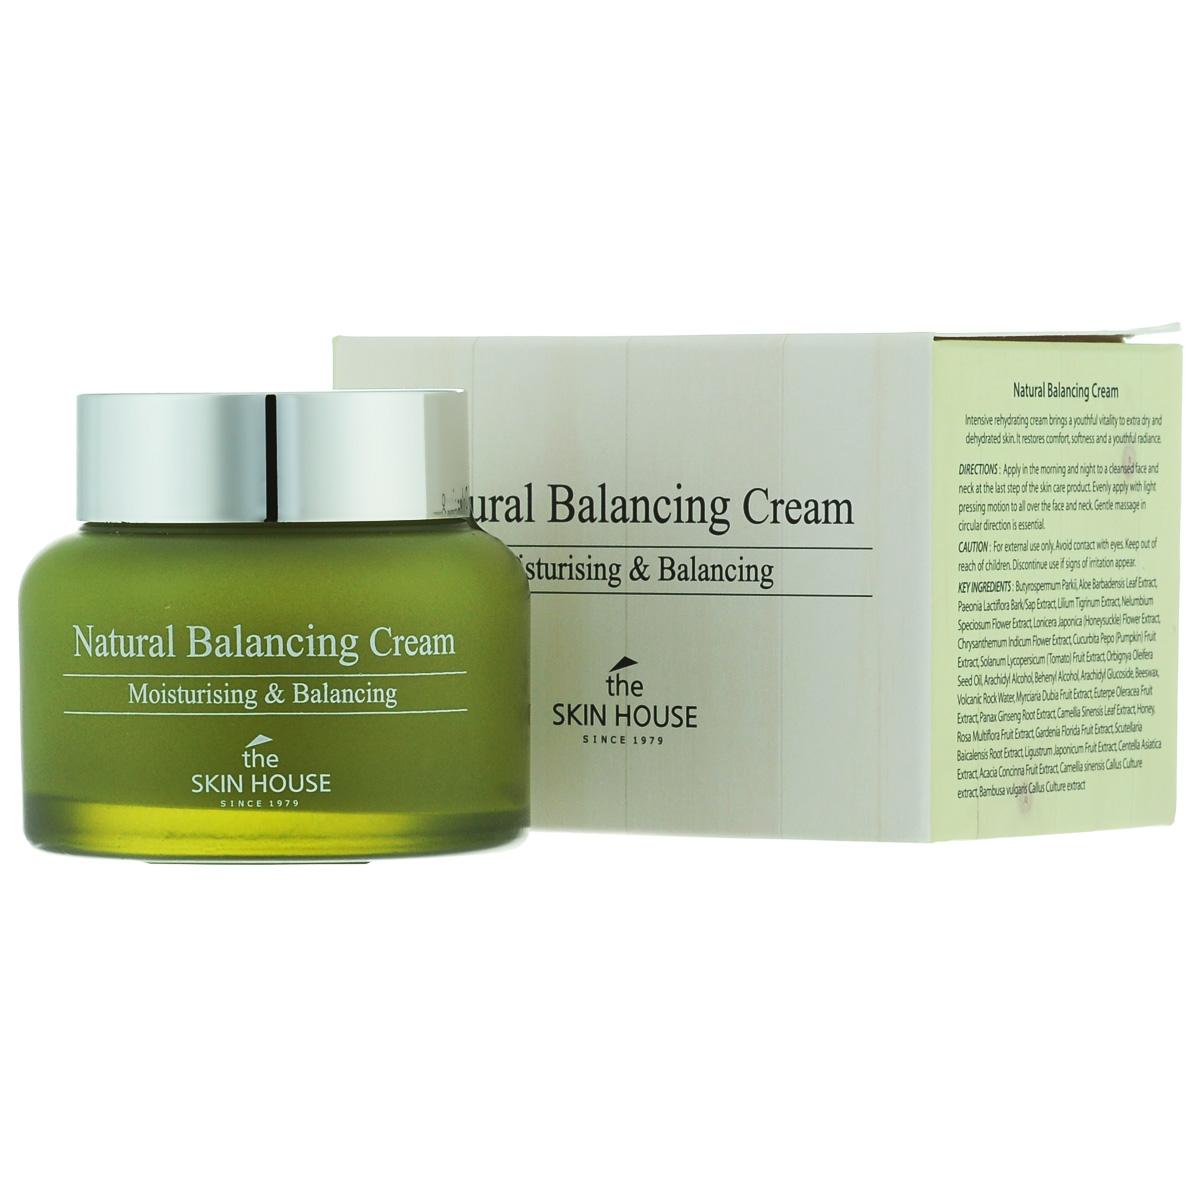 The Skin House Балансирующий крем для лица Natural balancing, 50 млУТ000001229Крем, созданный на основе органических компонентов, призван увлажнить жирную кожу и оптимизировать ее гидро-липидный баланс. Крем контролирует выработку кожного сала, сужает поры, снимает стресс и успокаивает чувствительную кожу. Смягчает и делает кожу эластичной. Высокая концентрация активных компонентов обеспечивает защиту от негативного воздействия факторов окружающей среды и поддерживает pH баланс на оптимальном уровне.